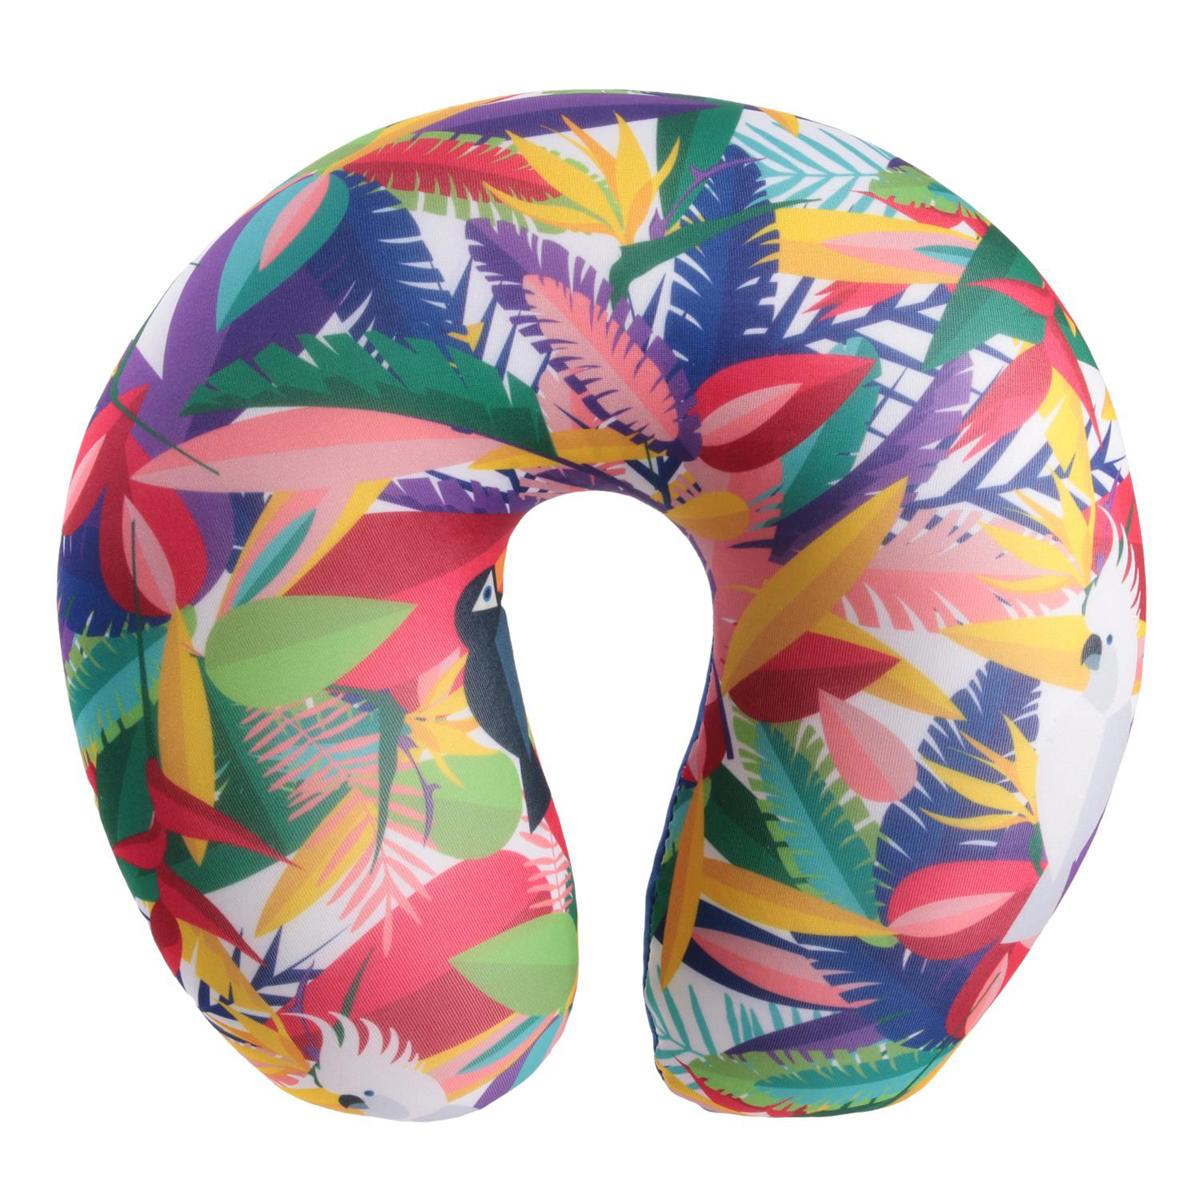 Coussin de nuque / oreiller de voyage \'Tropical\' multicolore (toucan - cacatoes) - 27x25x10 cm - [Q7717]